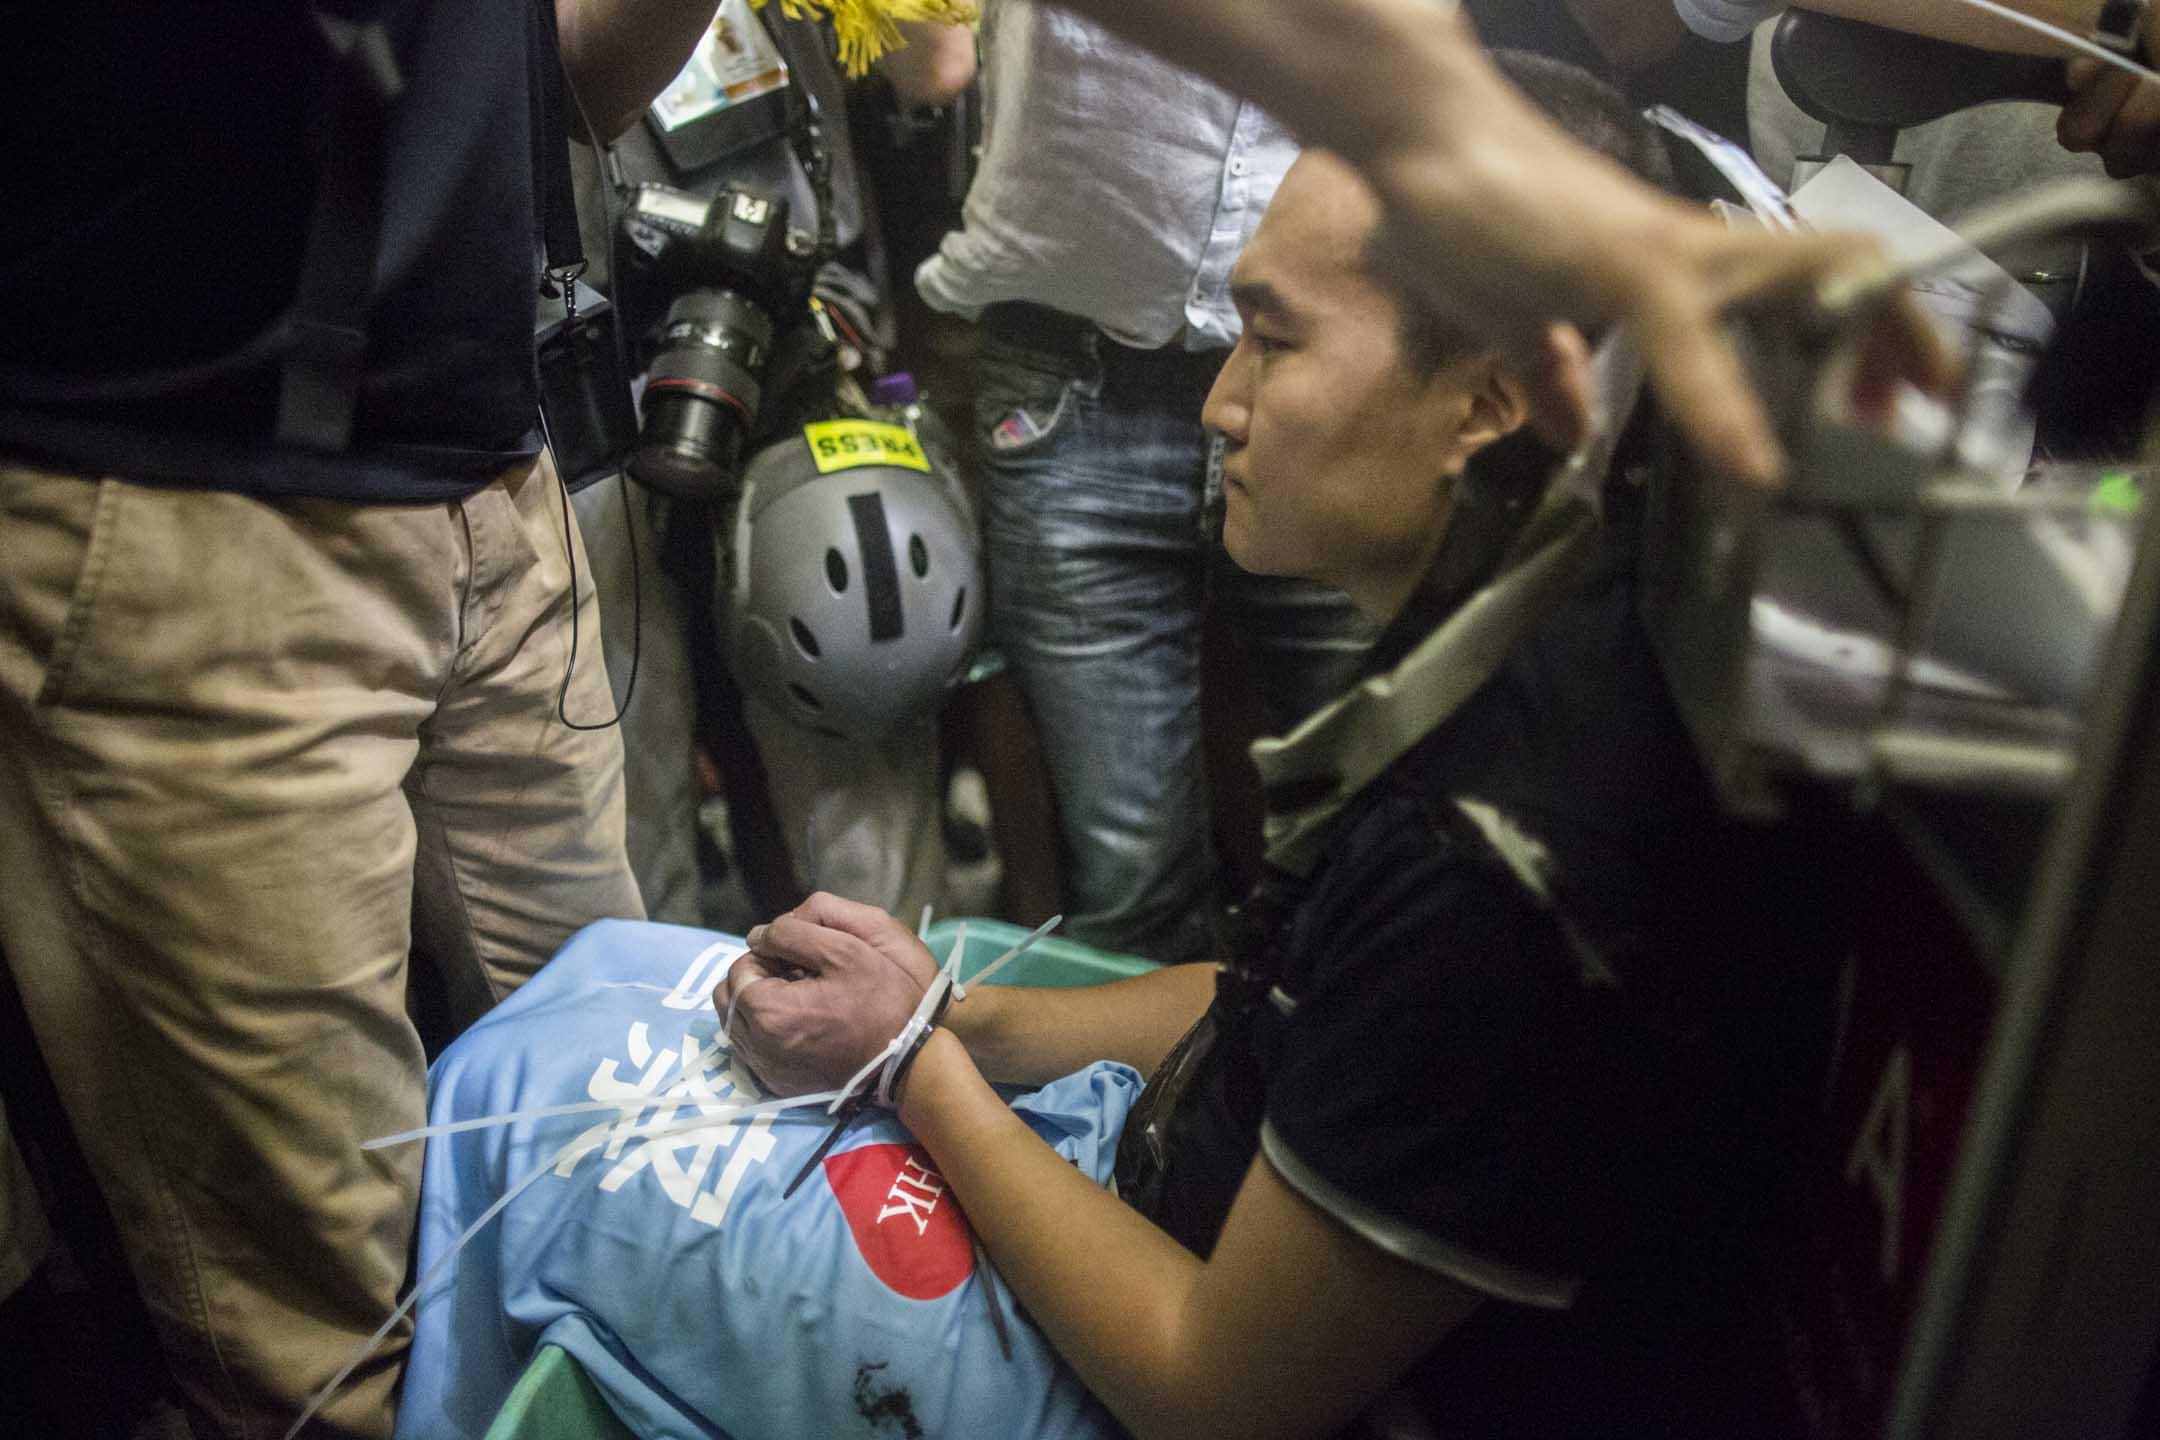 2019年8月13日晚上,一名自稱旅客的內地男子,其後被證實為《環球時報》記者付國豪,被示威者用膠索帶綁著手和腳,坐在行李車上。